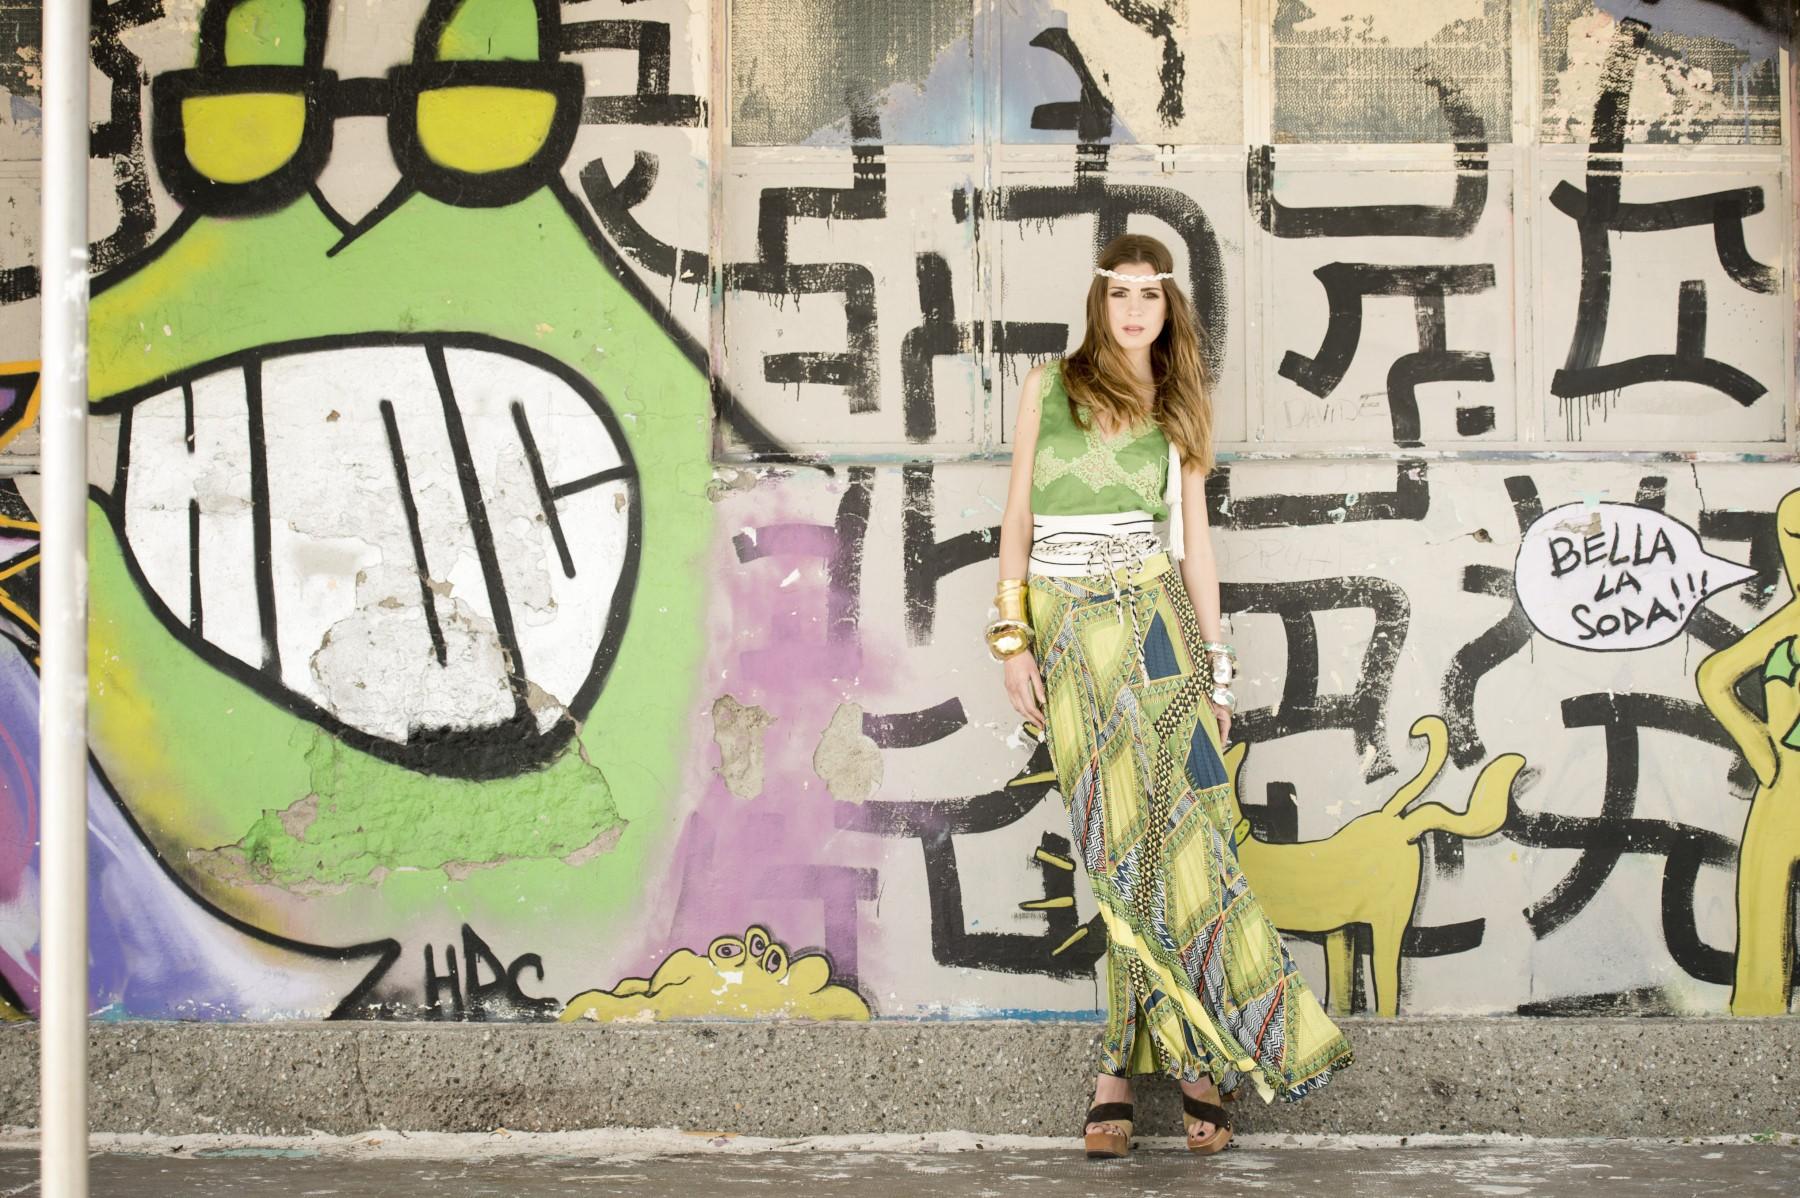 ROP70_044_editoriale Fashion/Adv